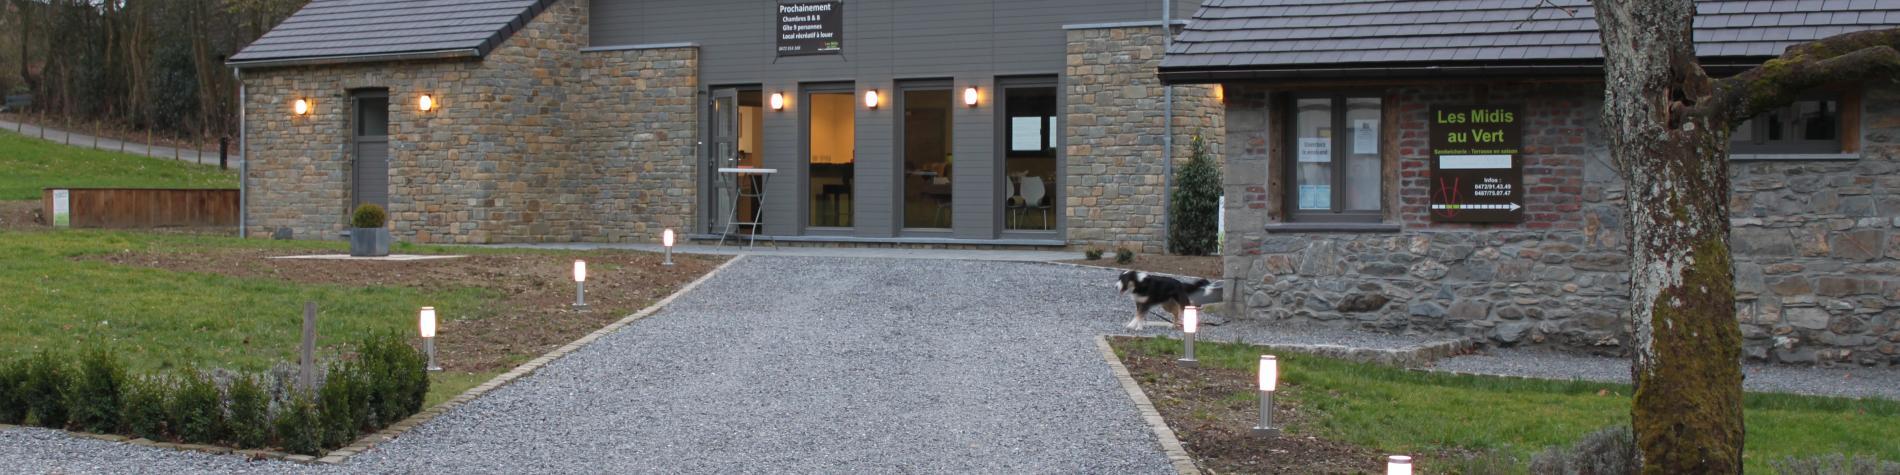 - Gîte Les Midis au Vert à Stavelot | Meublé de vacances pour 8 à 9 personnes